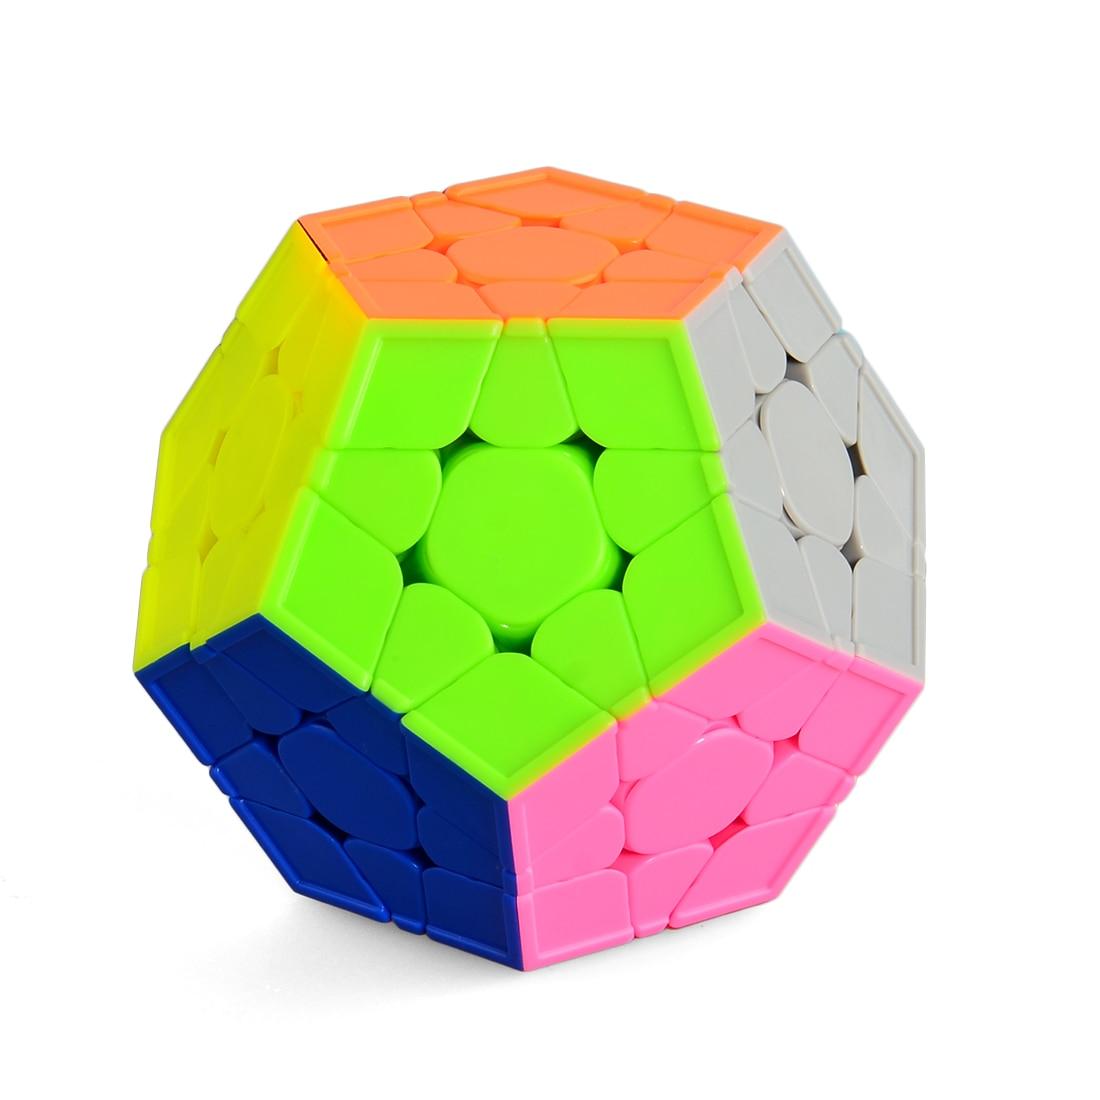 Lisse Durable Vitesse Megaminx Cube 3x3 Dodécaèdre Teasers Puzzle Cube Jouets Pour Enfants-Coloré